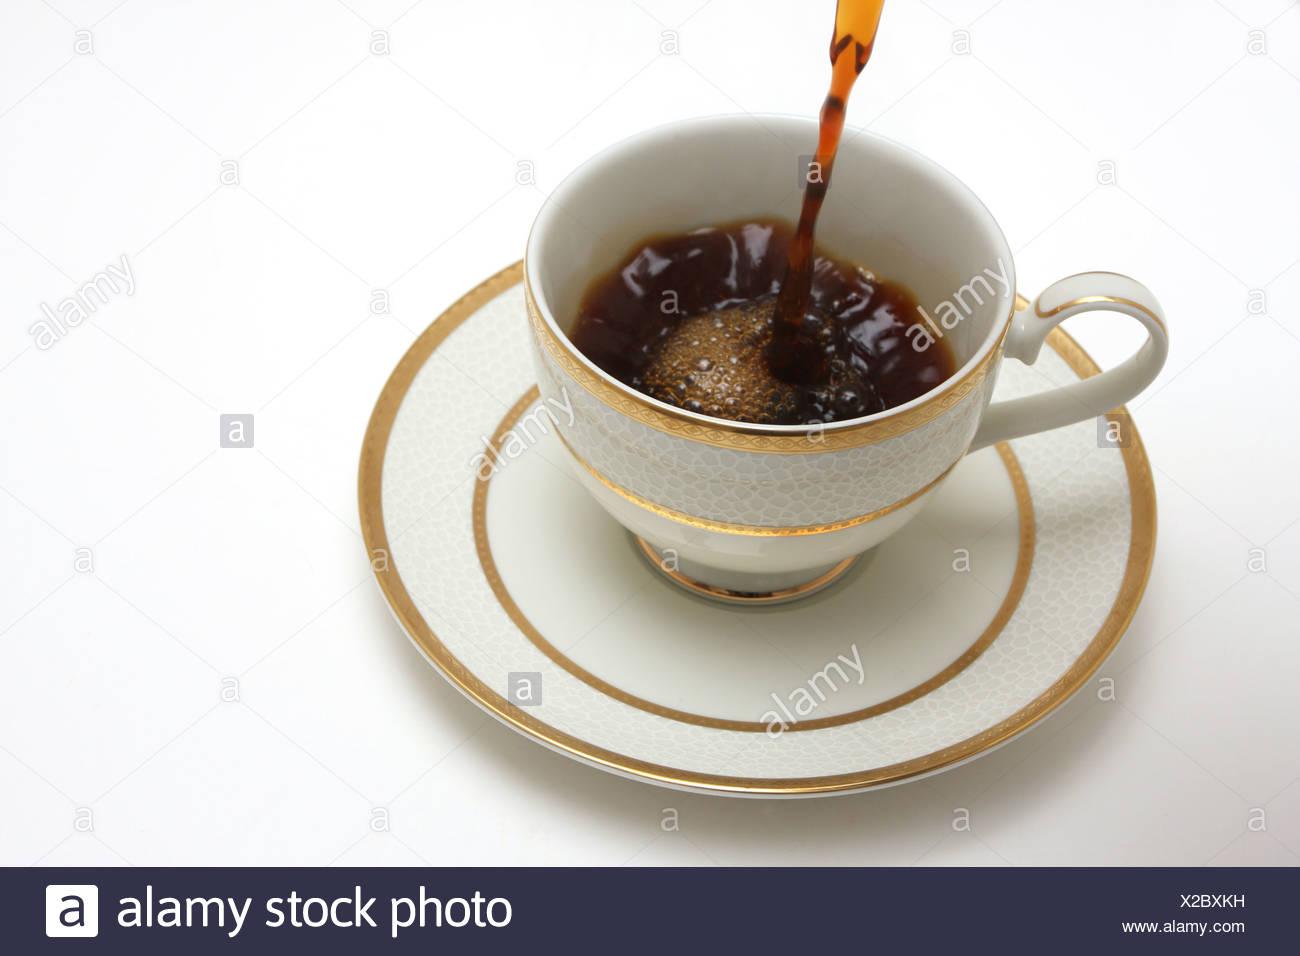 Ein Sideview Schuss für eine Tasse Kaffee isoliert auf weißem, Kaffee hinein gegossen Stockbild